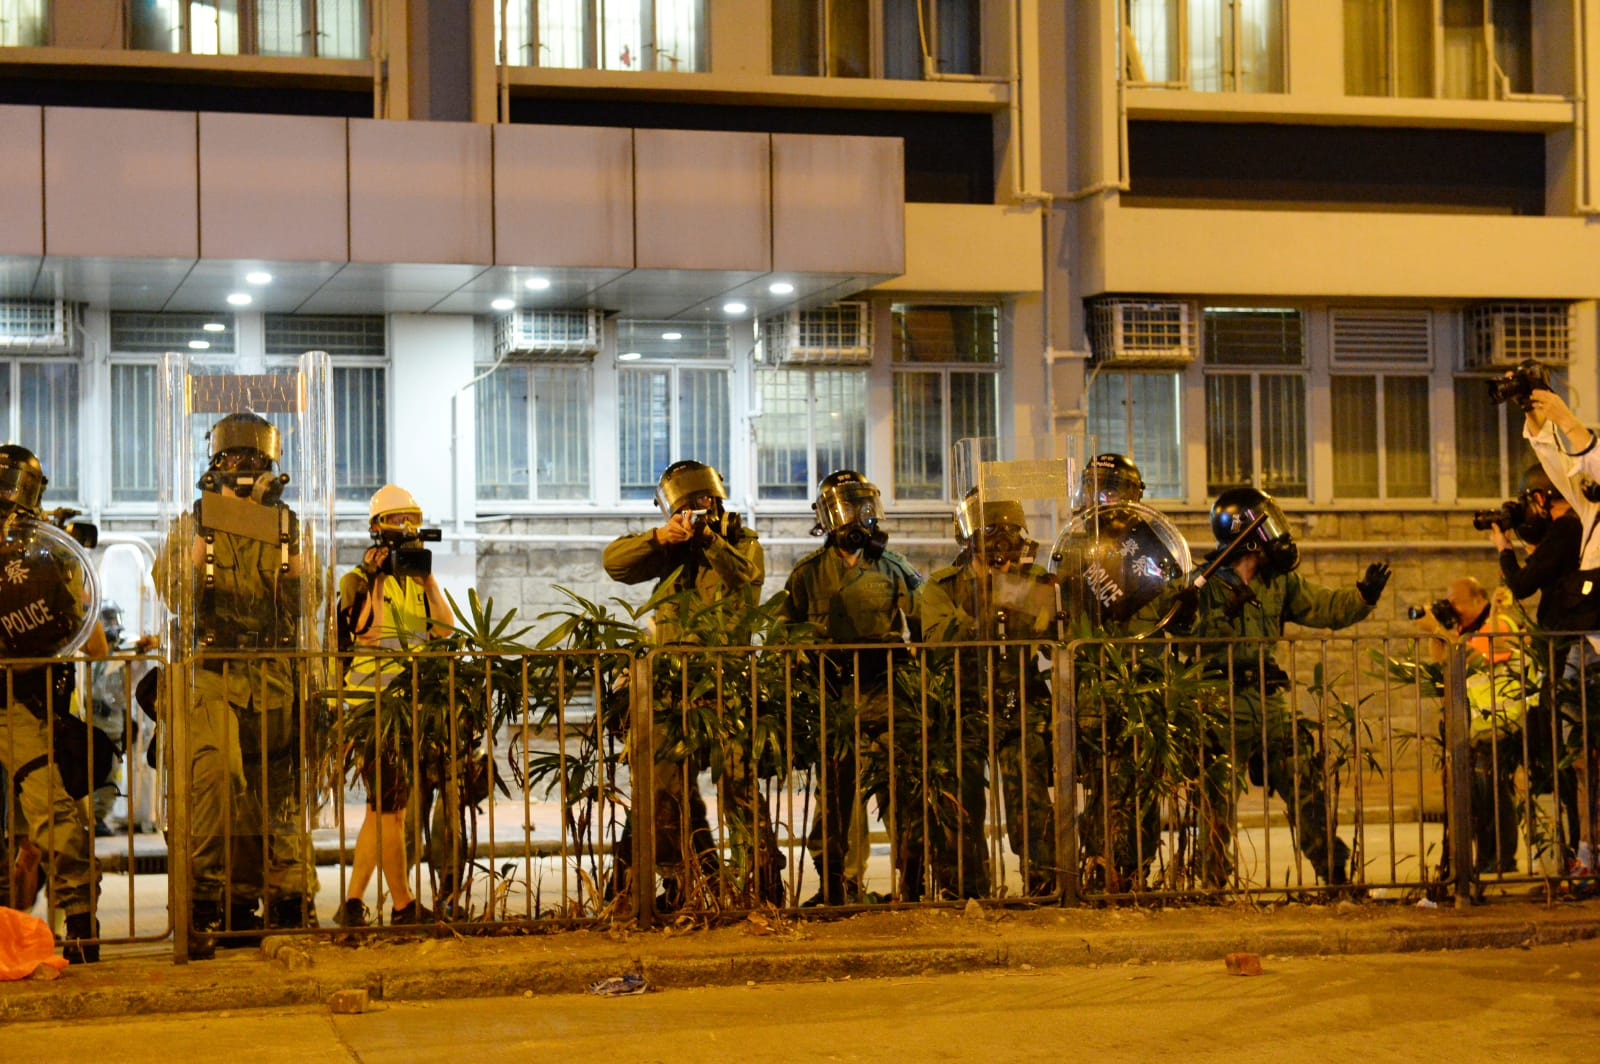 6日晚9點左右,旺角警署外的防暴警察向對開聚集抗議人群發射多發布袋彈。(宋碧龍/大紀元)